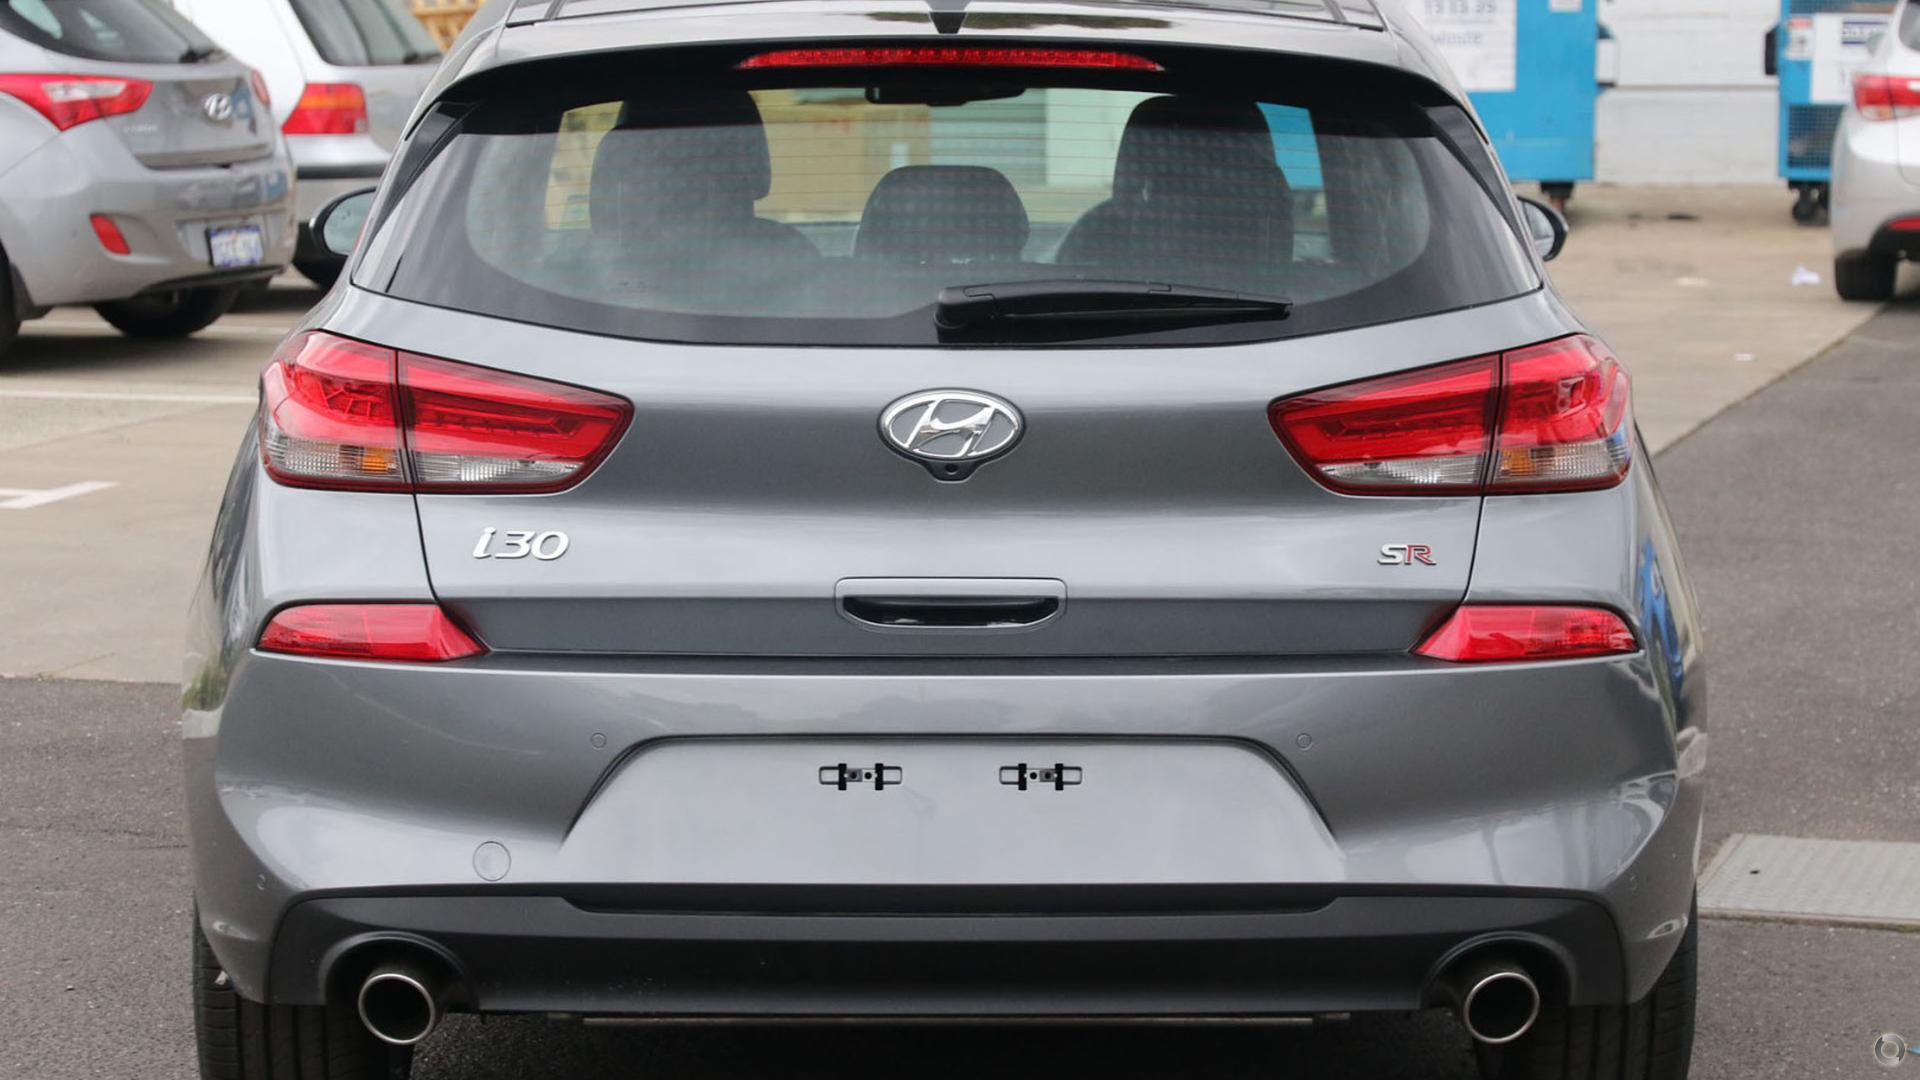 2017 Hyundai I30 SR Premium PD